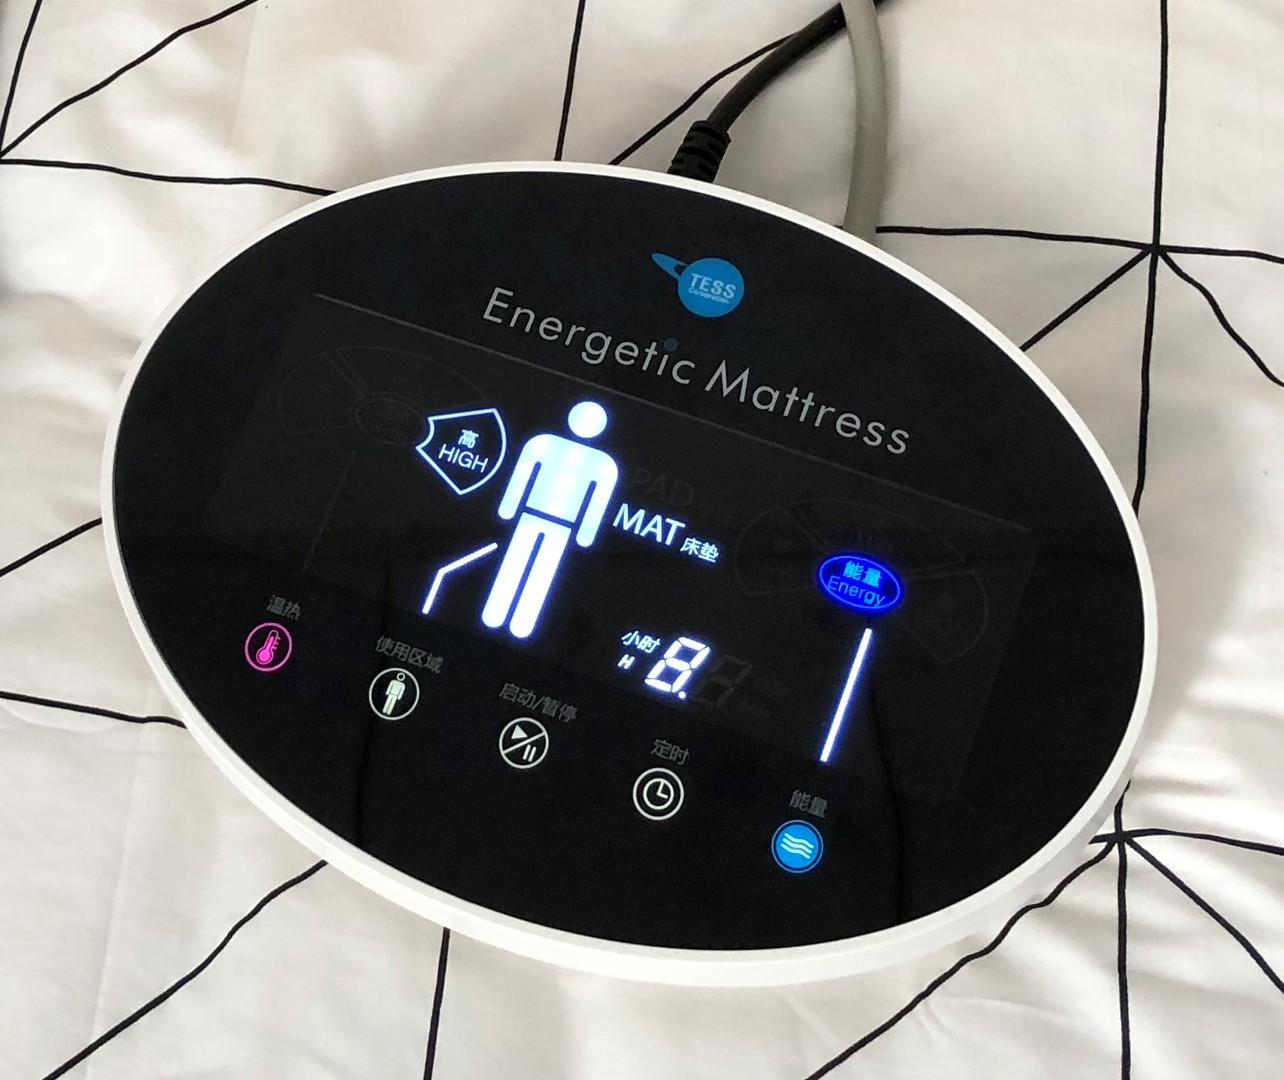 電気マット3 2018.9.25.jpg